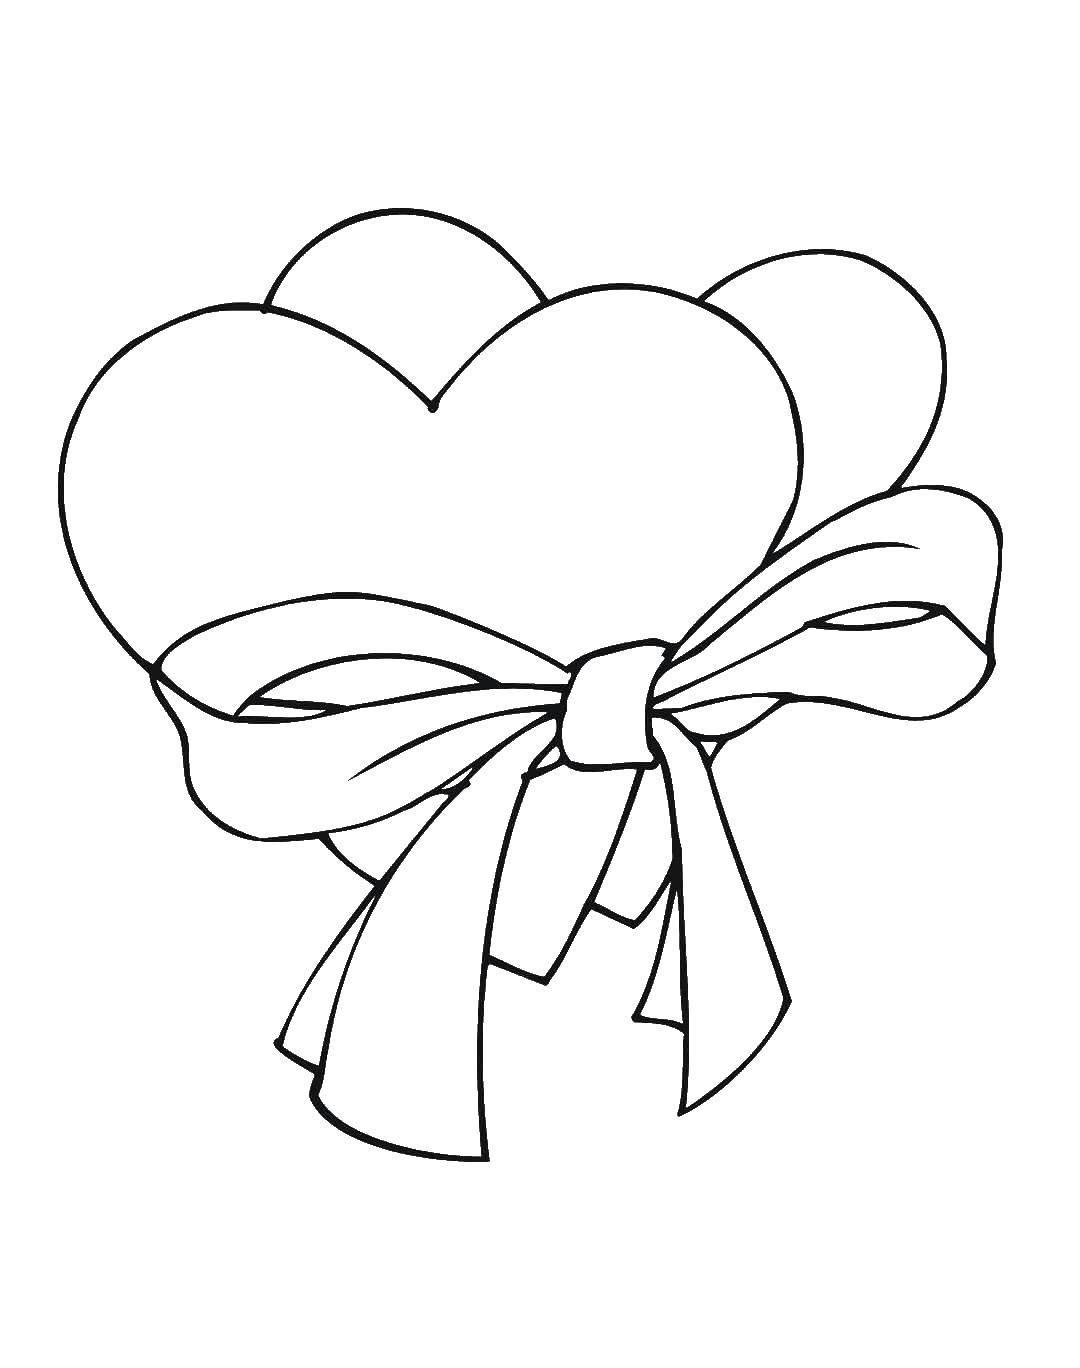 Название: Раскраска Сердечки и бантик. Категория: Сердечки. Теги: сердечки, бантик, любовь.